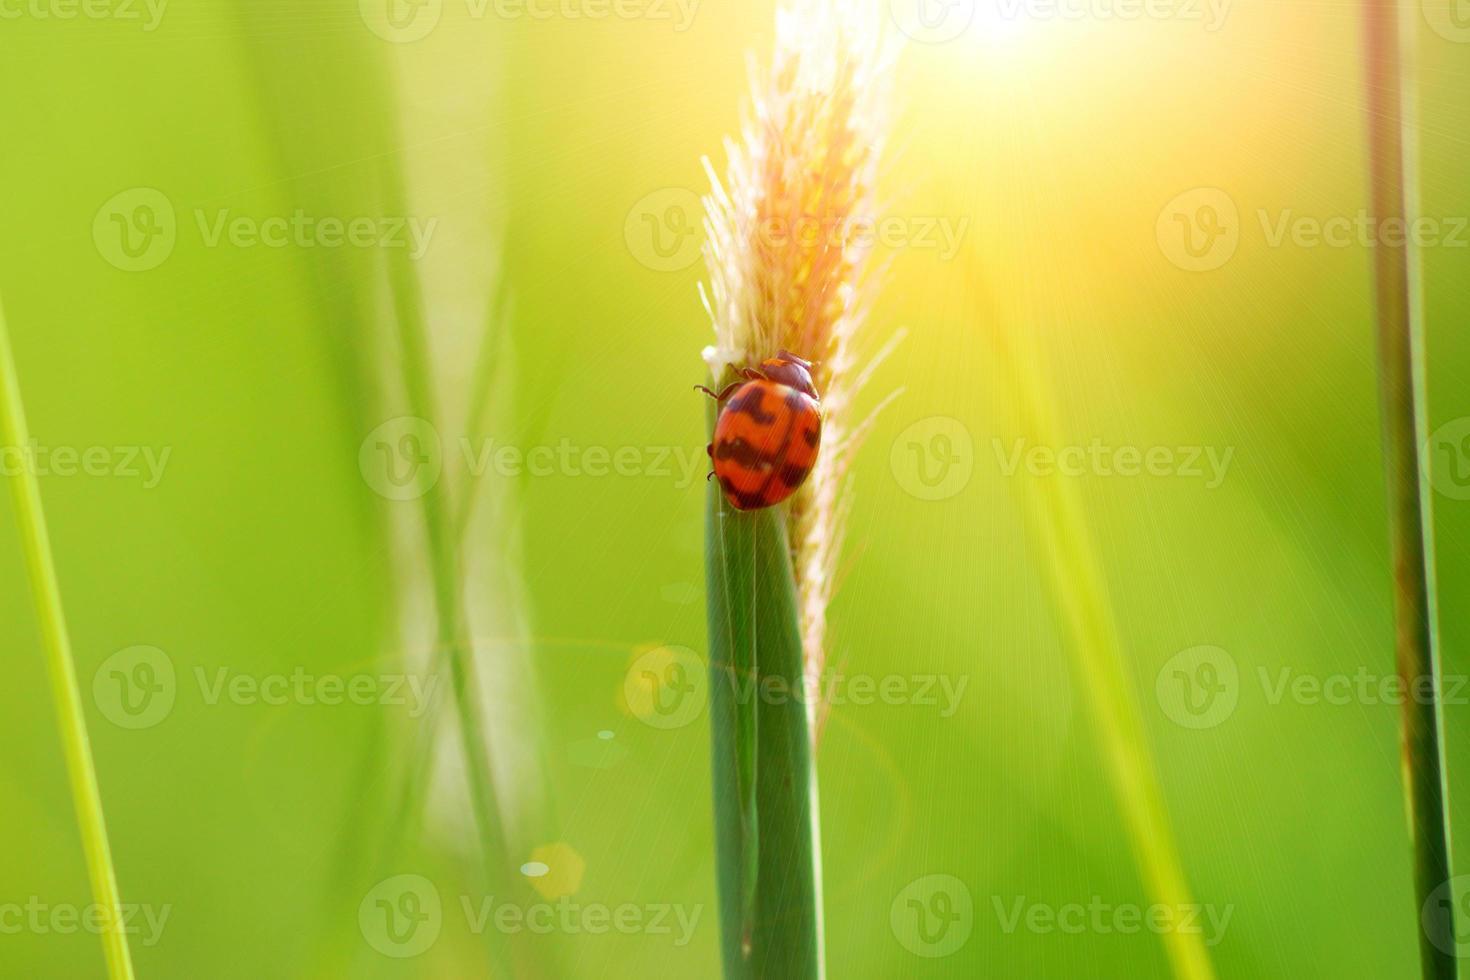 lieveheersbeestje op gras na blootstelling aan de zon. foto